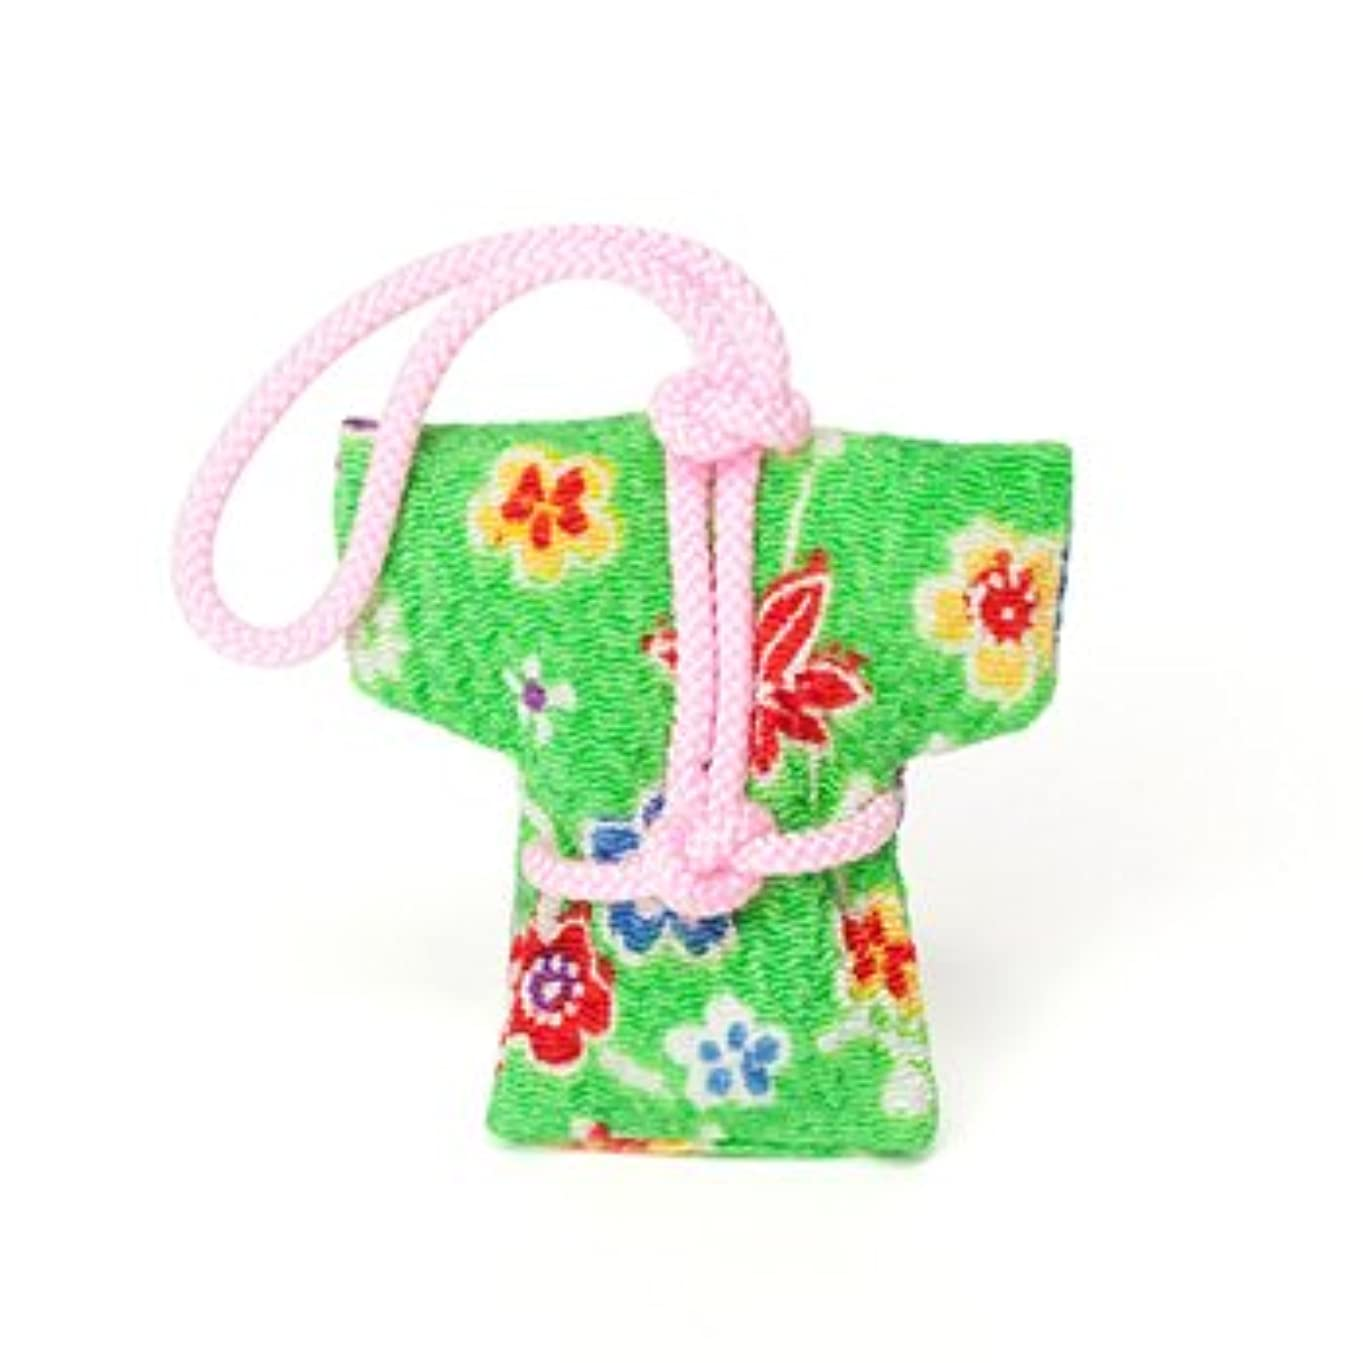 市場アリーナ面匂い袋 誰が袖 やっこさん 1個入 ケースなし (色?柄は選べません)